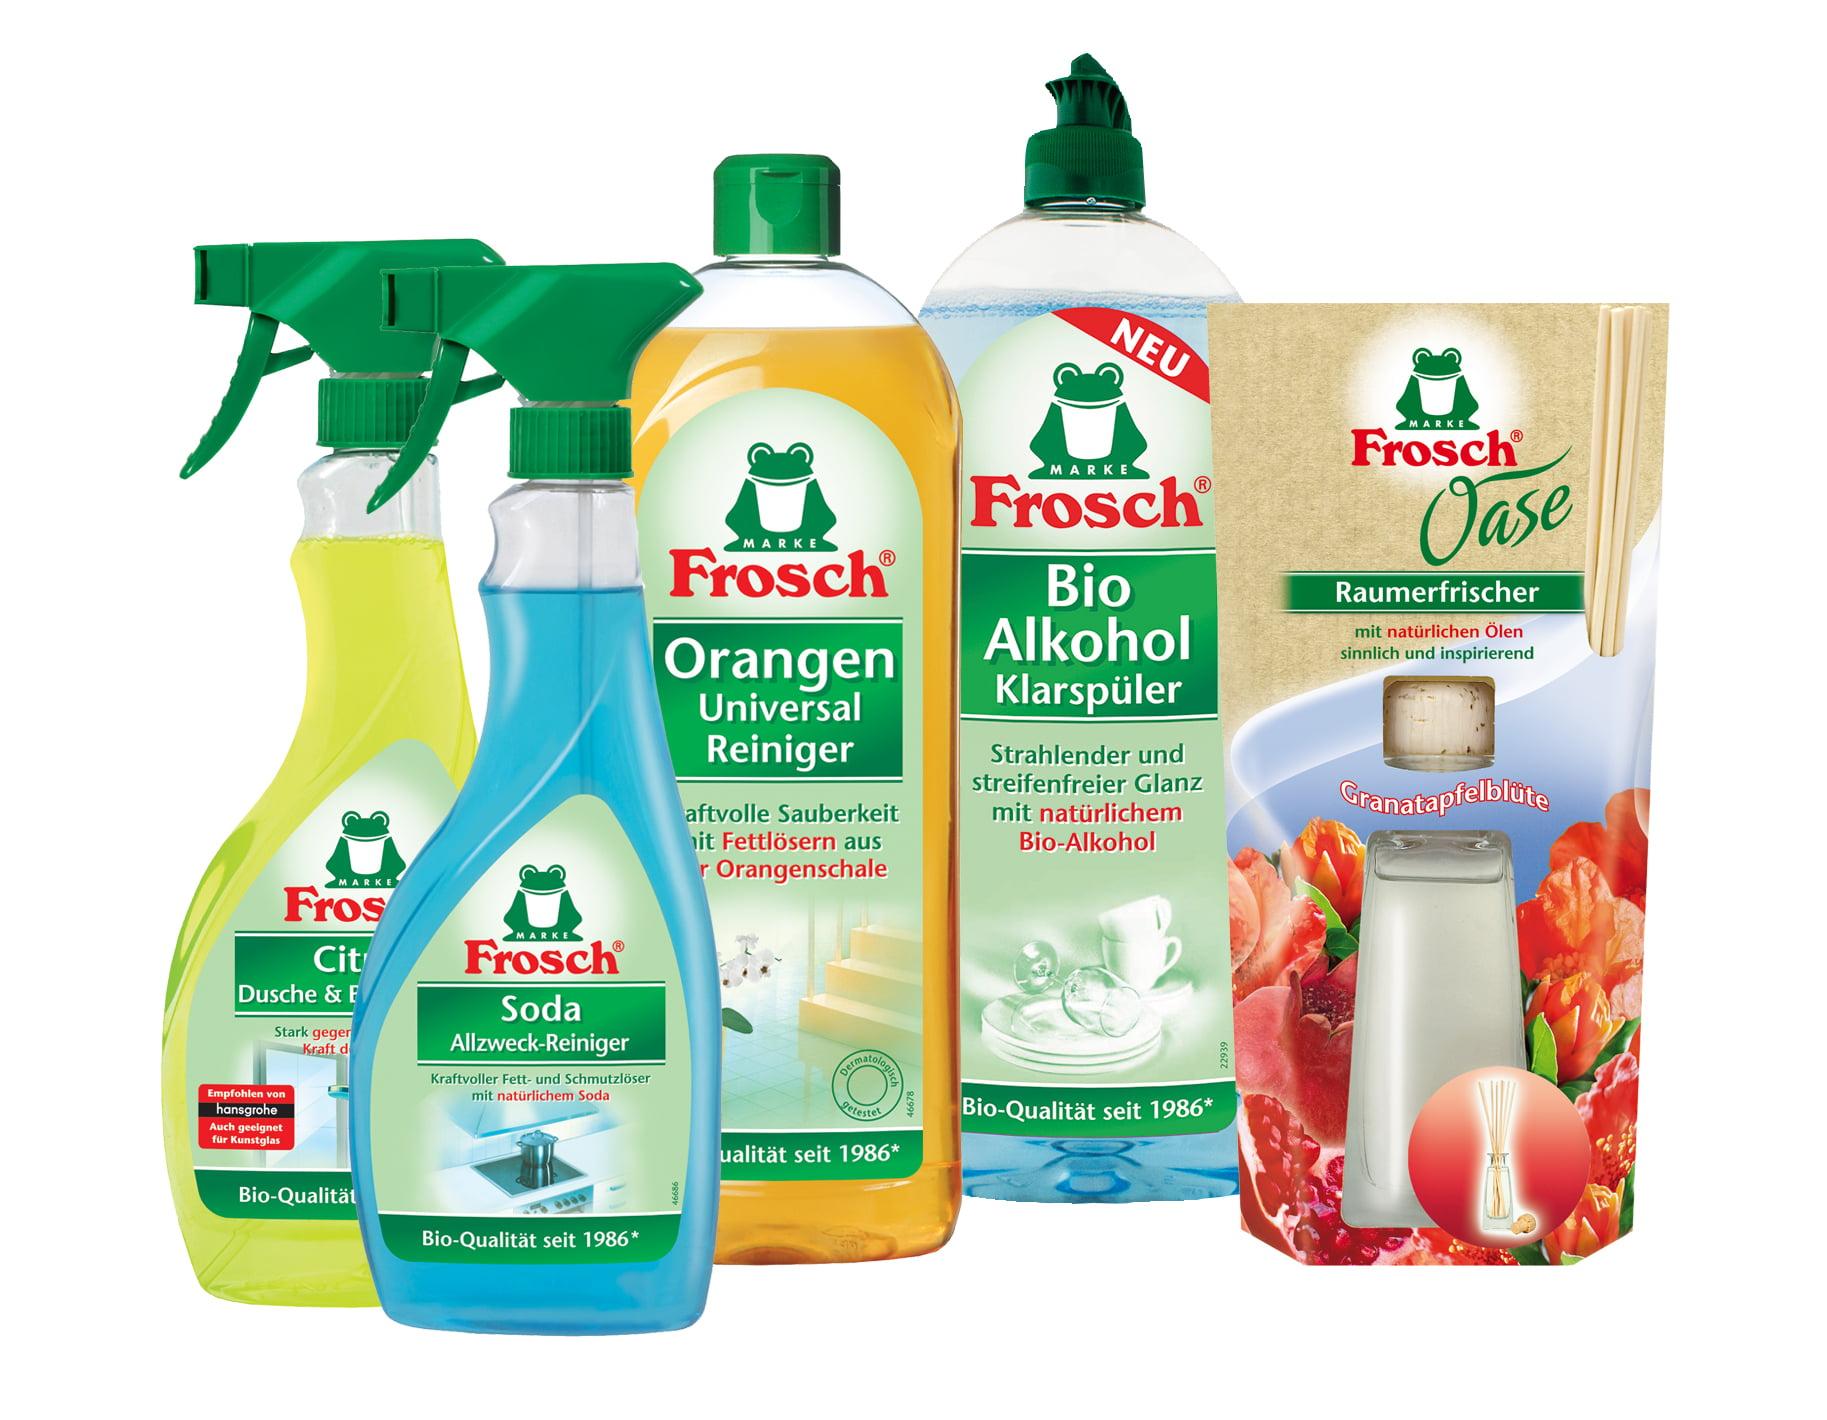 Frosch productos ecol gicos para la limpieza de tu casa - Productos de limpieza ecologicos ...